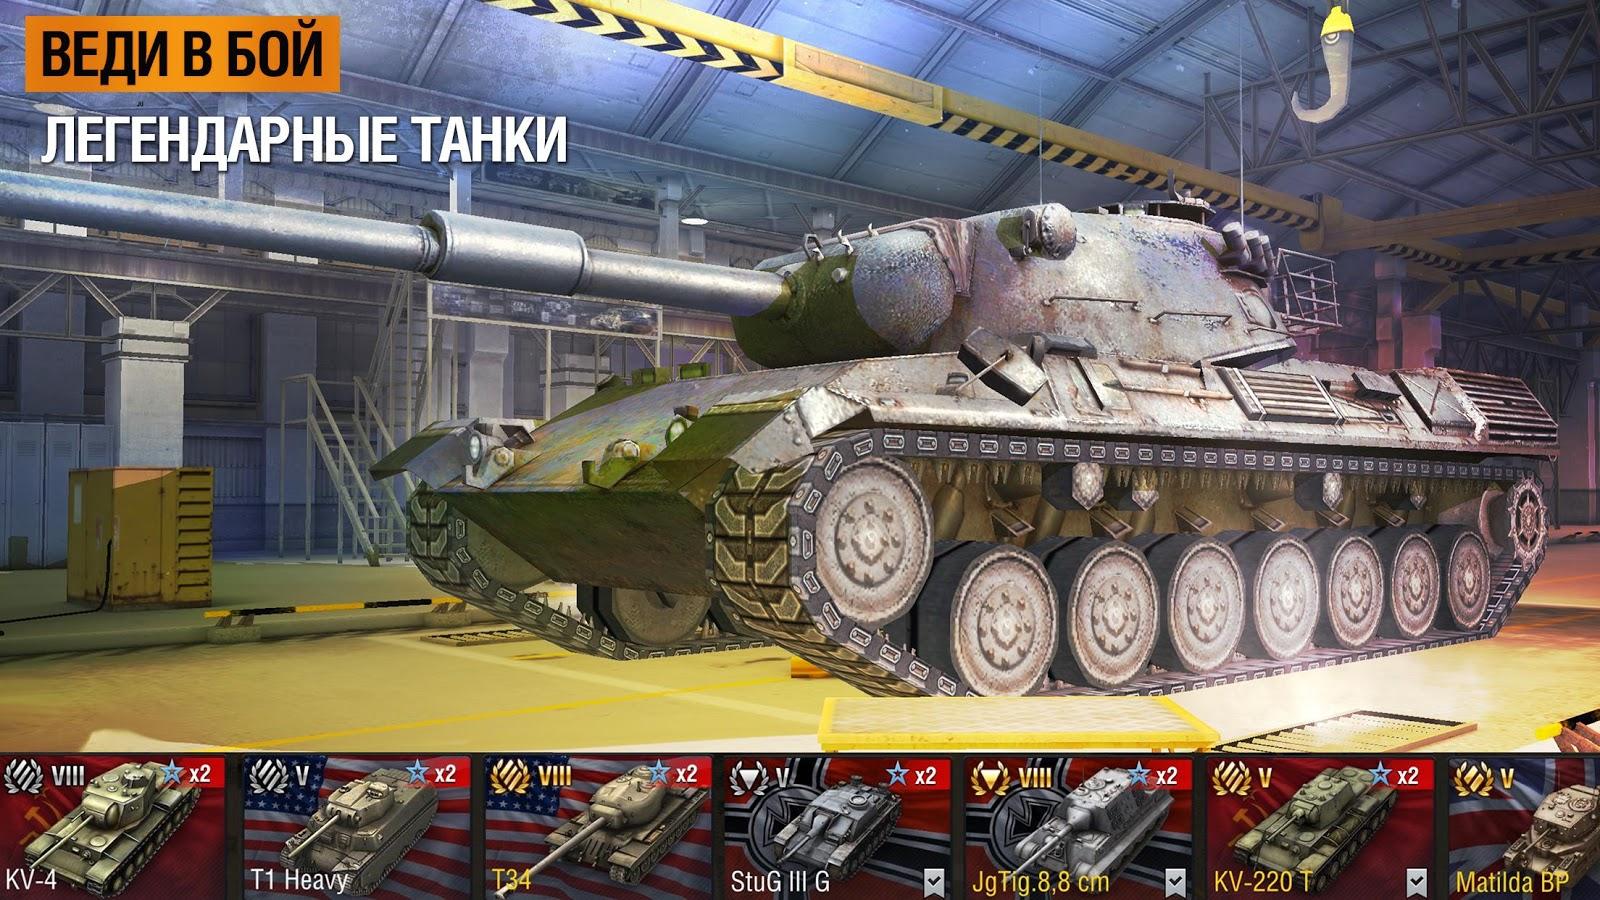 Скачать wot blitz | world of tanks blitz 5. 0 для ios, android и.